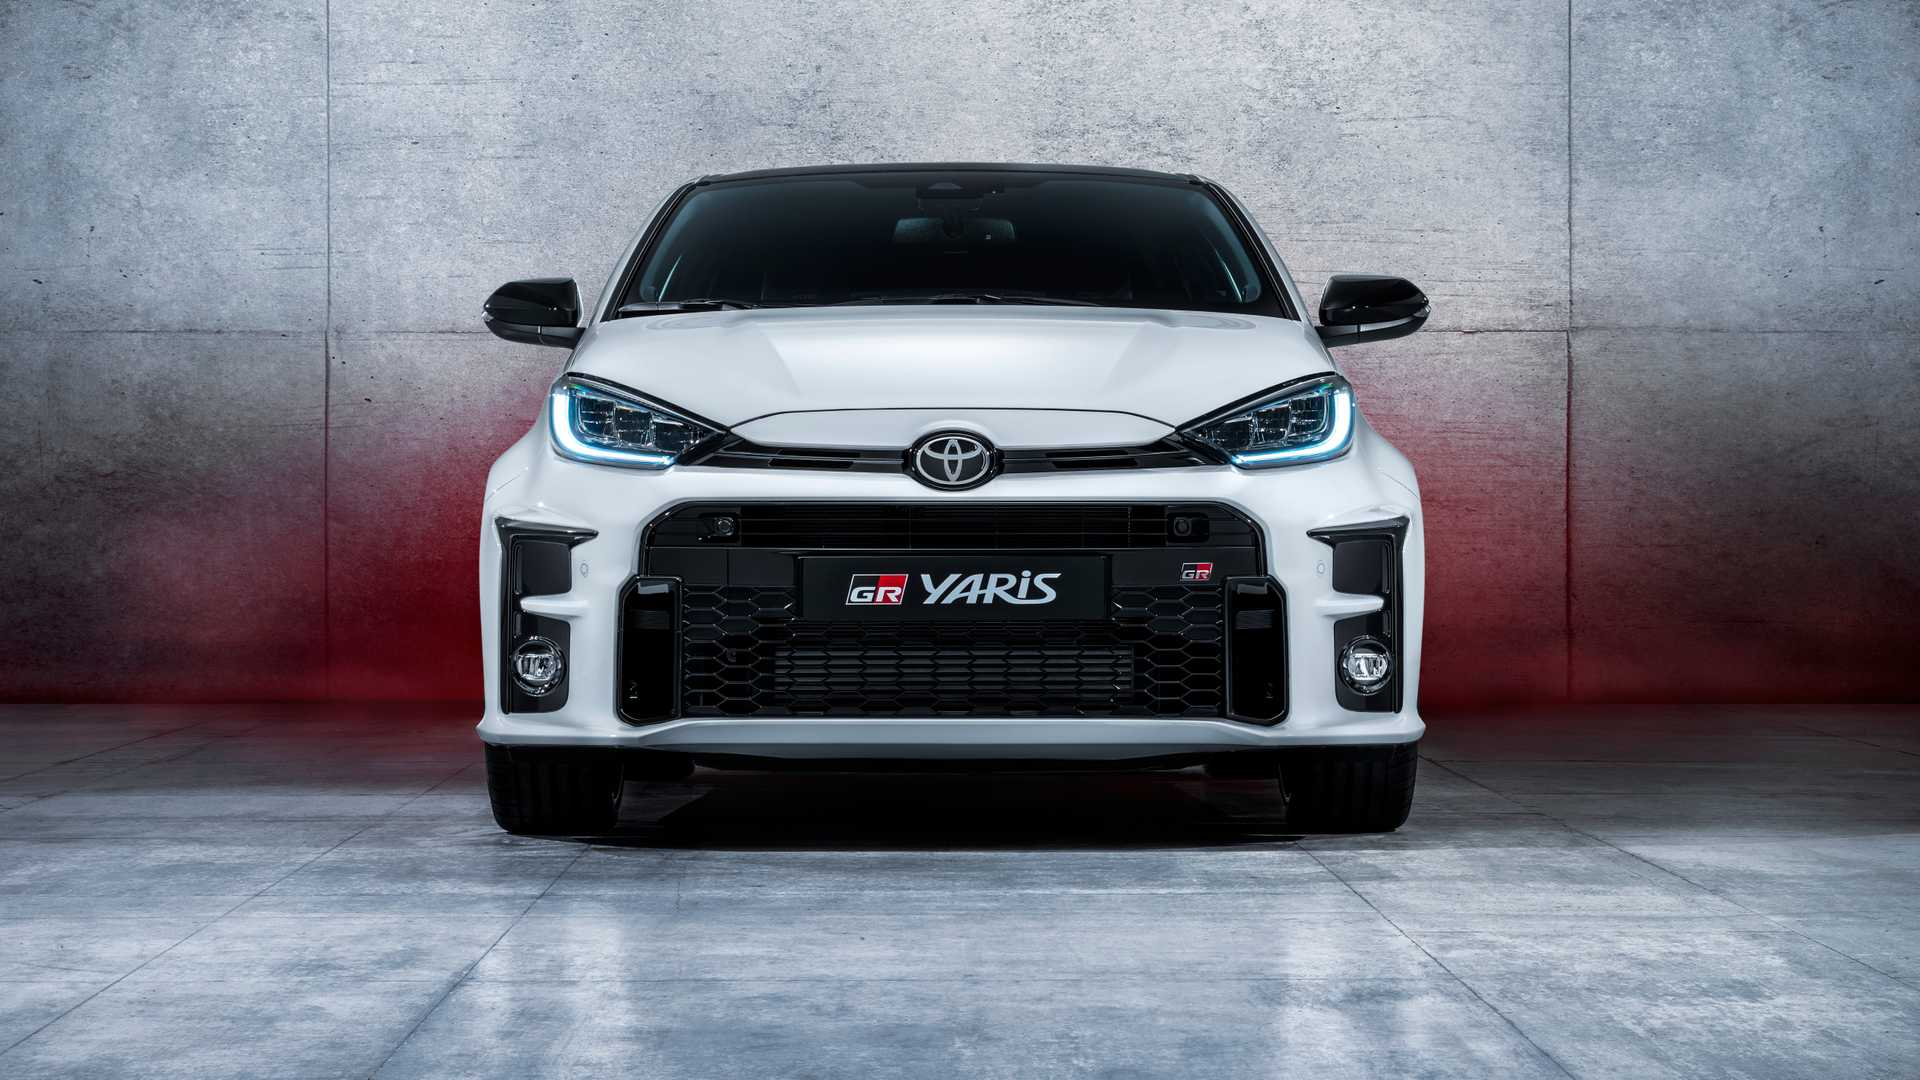 Toyota запатентовала новый товарный знак «GRMN» для Северной Америки